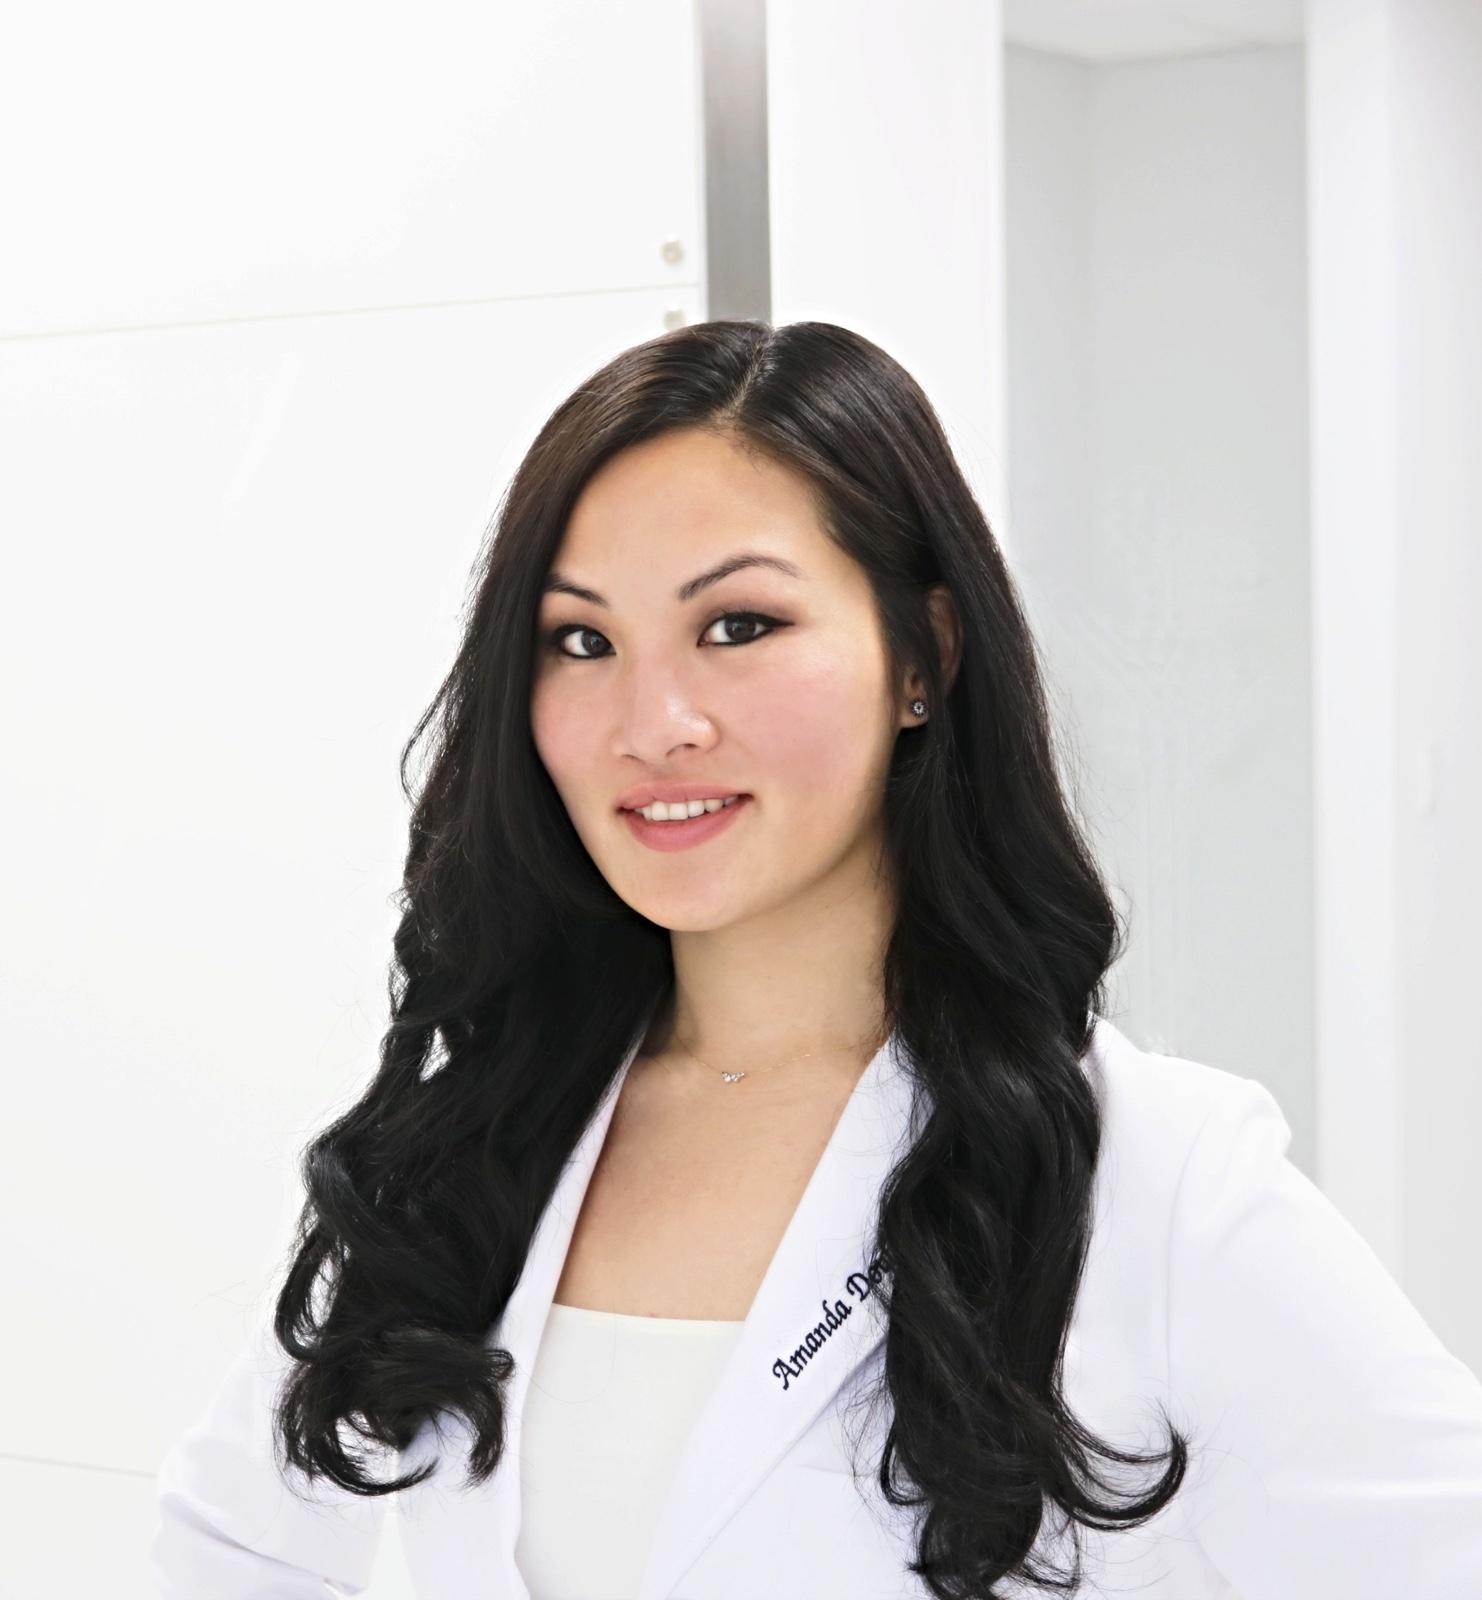 Dr. Amanda Doyle